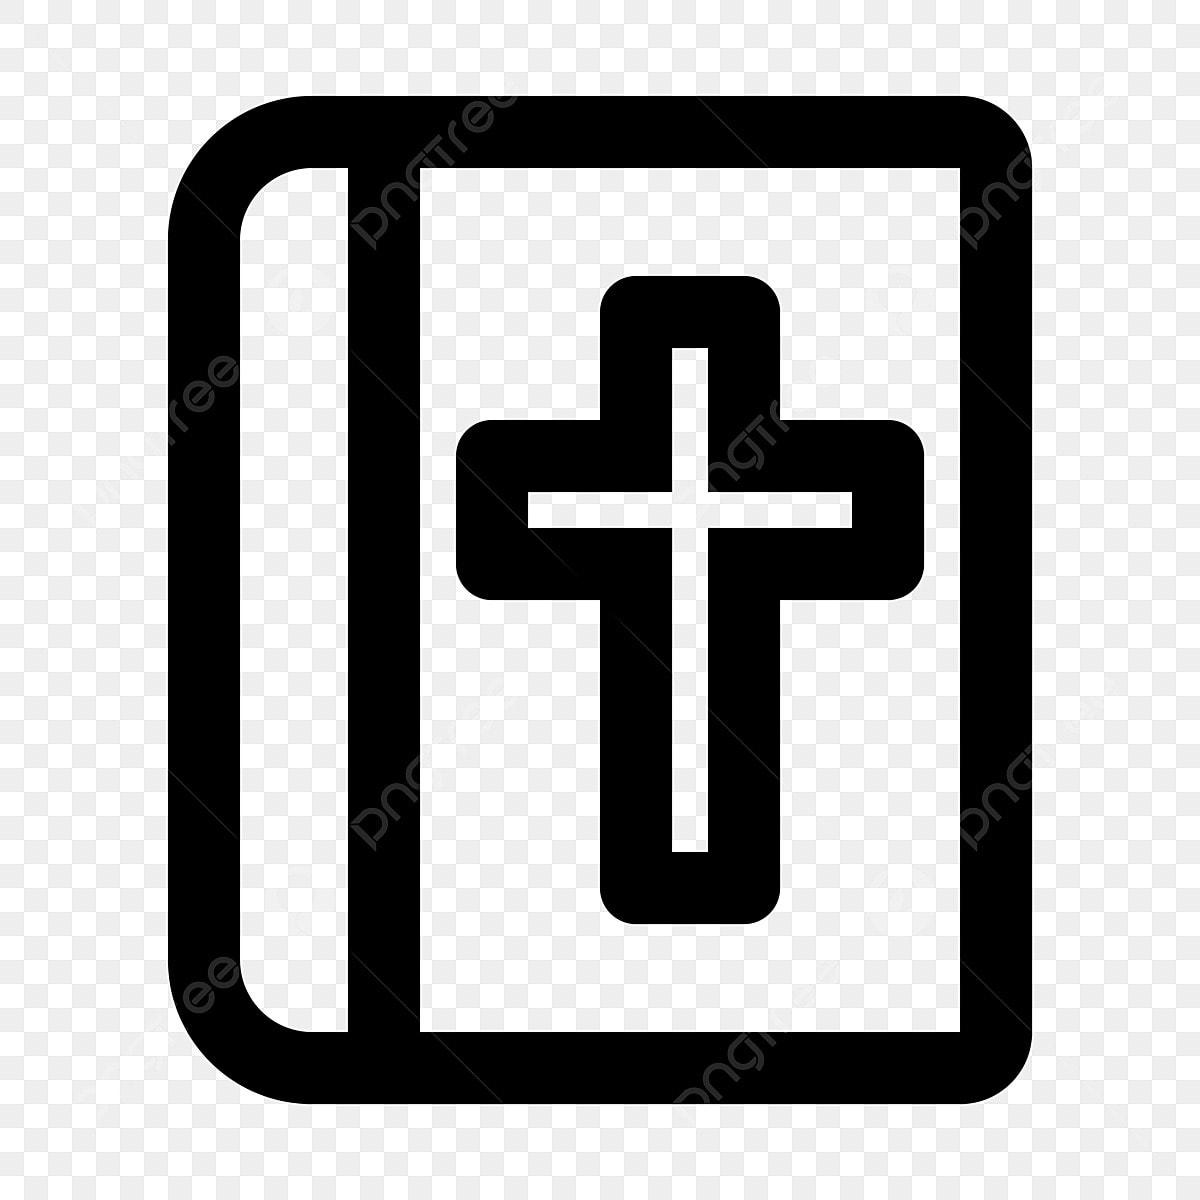 Vector De Icono De Linea De Libro Sagrado Biblia Libro Sagrado Libro Religioso Png Y Vector Para Descargar Gratis Pngtree